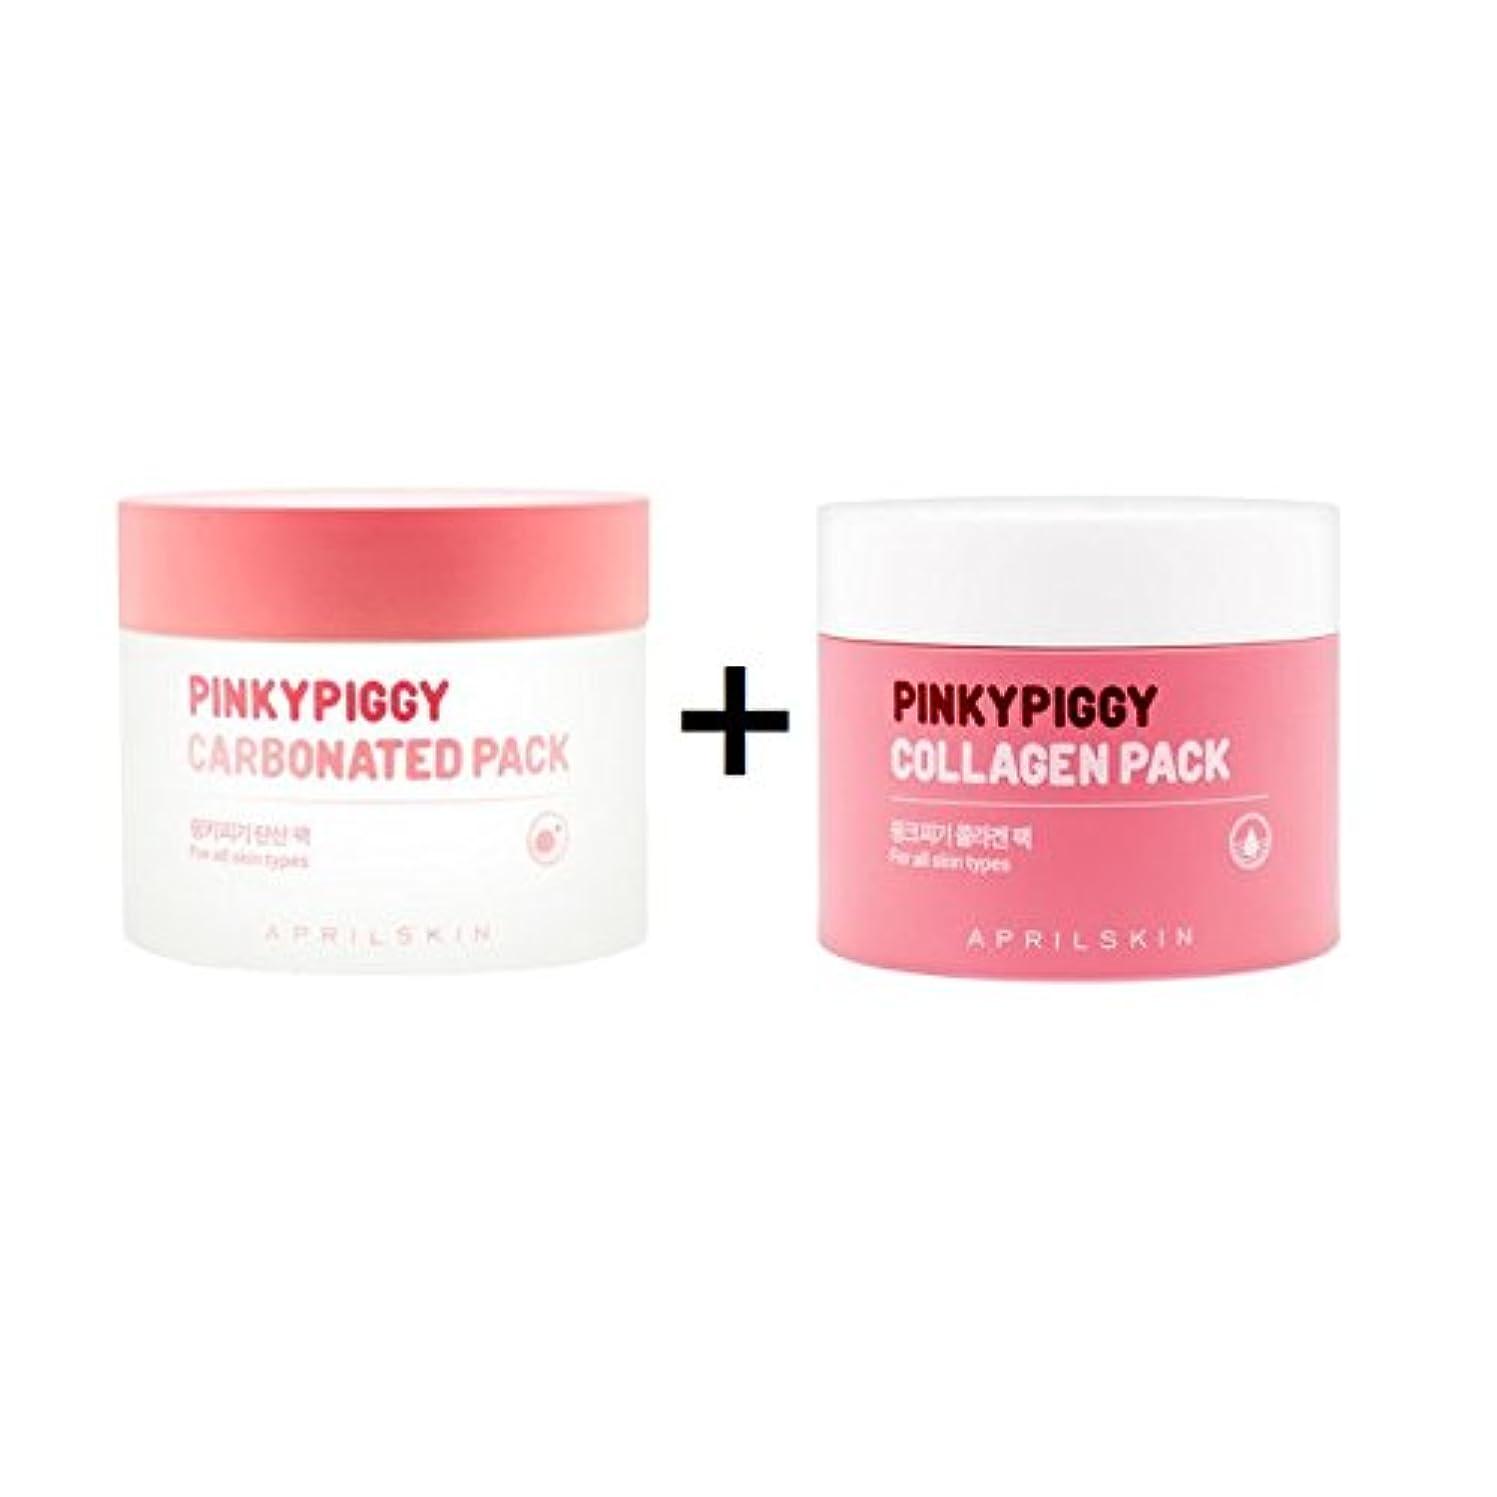 ギャップ松疑い者April Skin Pinky Piggy Pack Set (Collagen Pack 100g*1 + Carbonated Pack 100g*1)/100% Authentic direct from Korea...